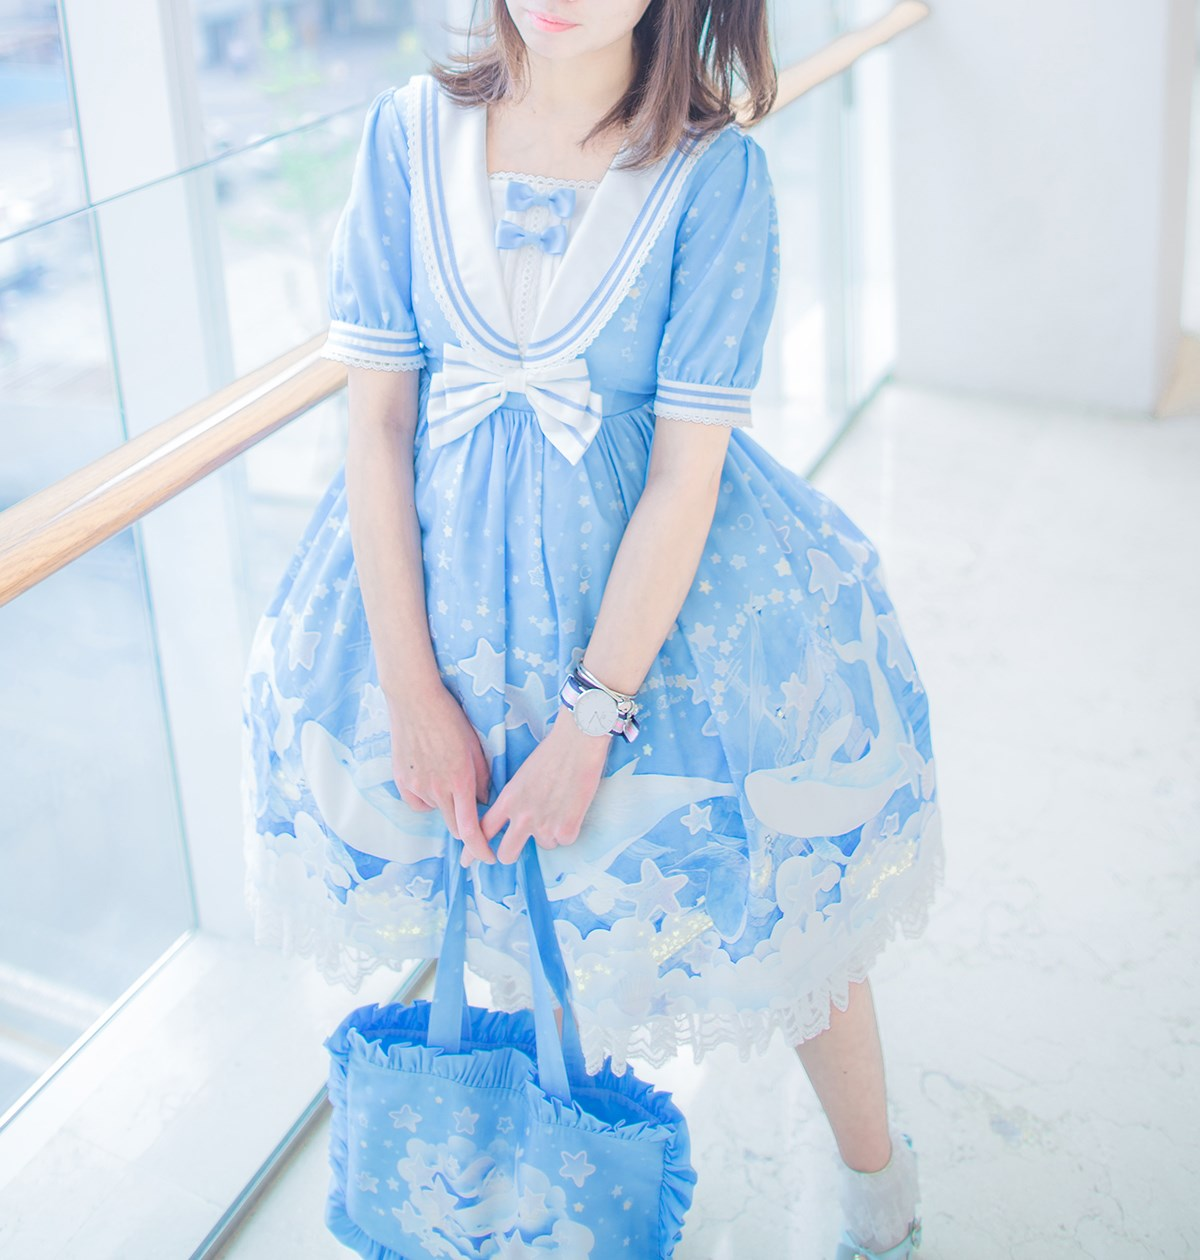 【兔玩映画】蓝色的LO娘 兔玩映画 第7张